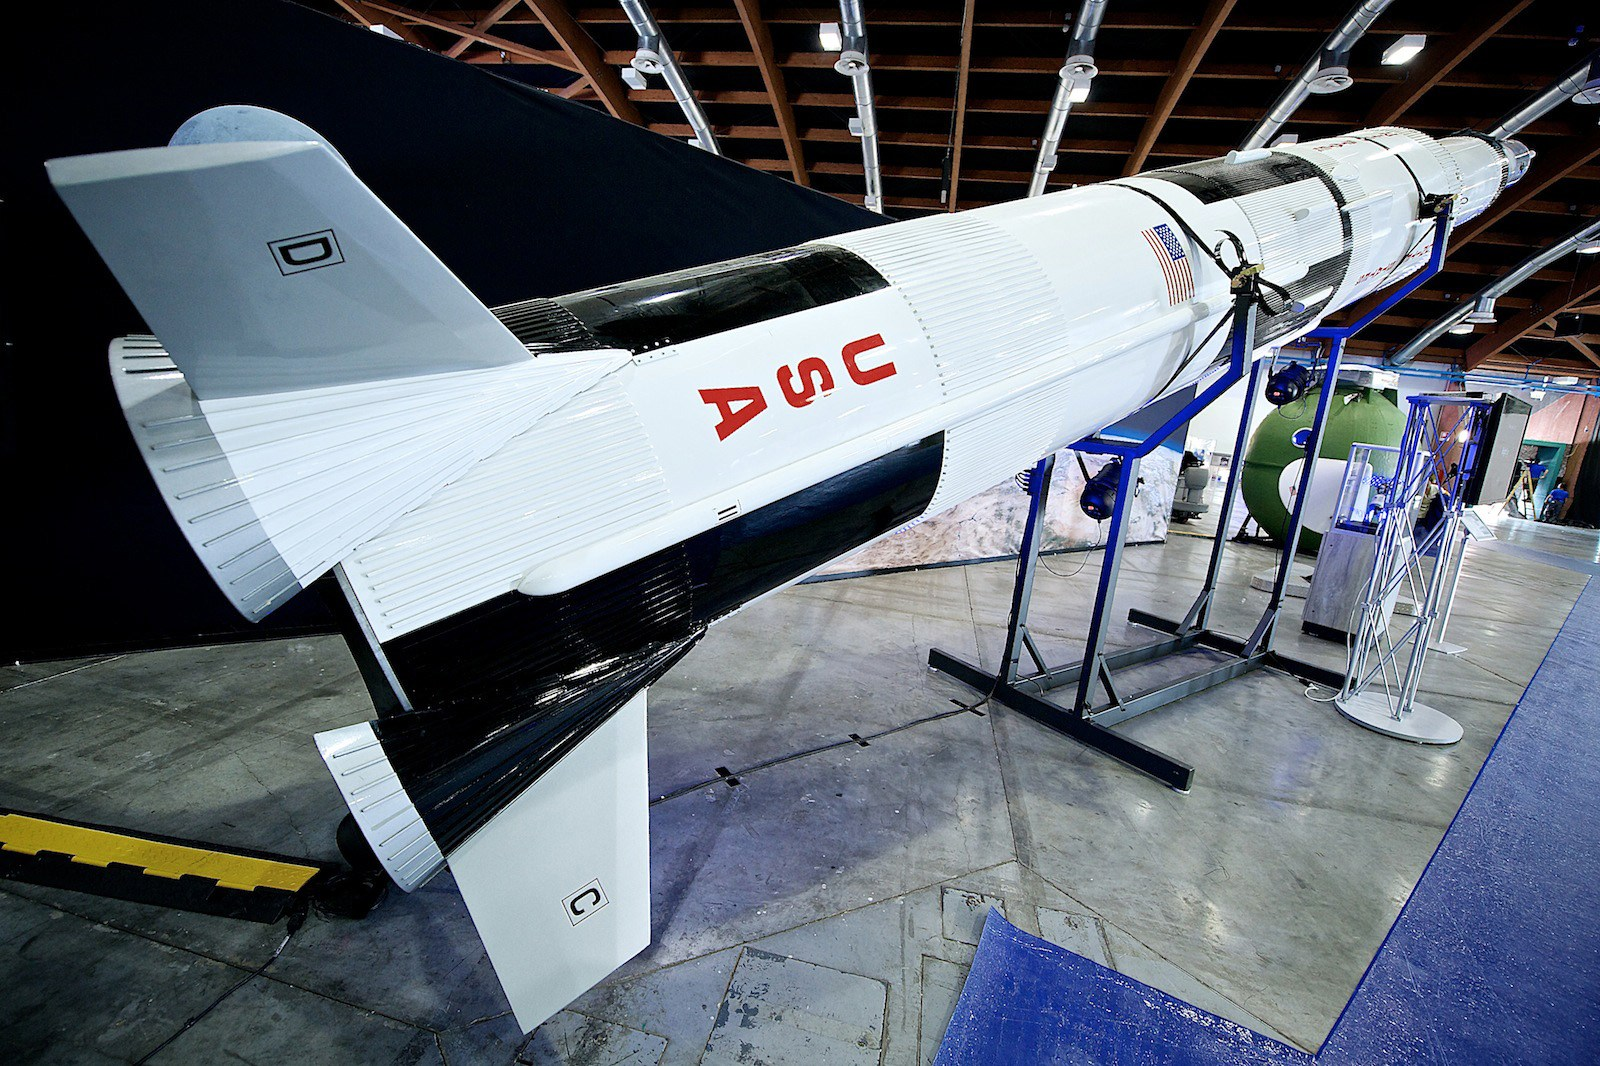 Blisko 10-metrowa replika największej w dziejach rakiety Saturn V. | Fot. wystawaspace.pl